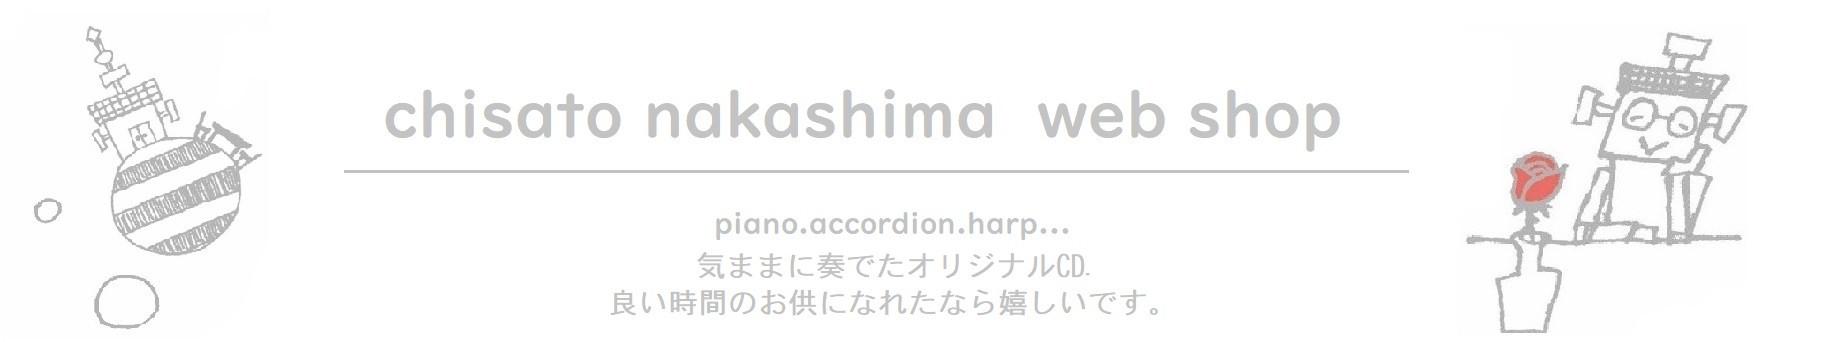 chisato nakashima web shop